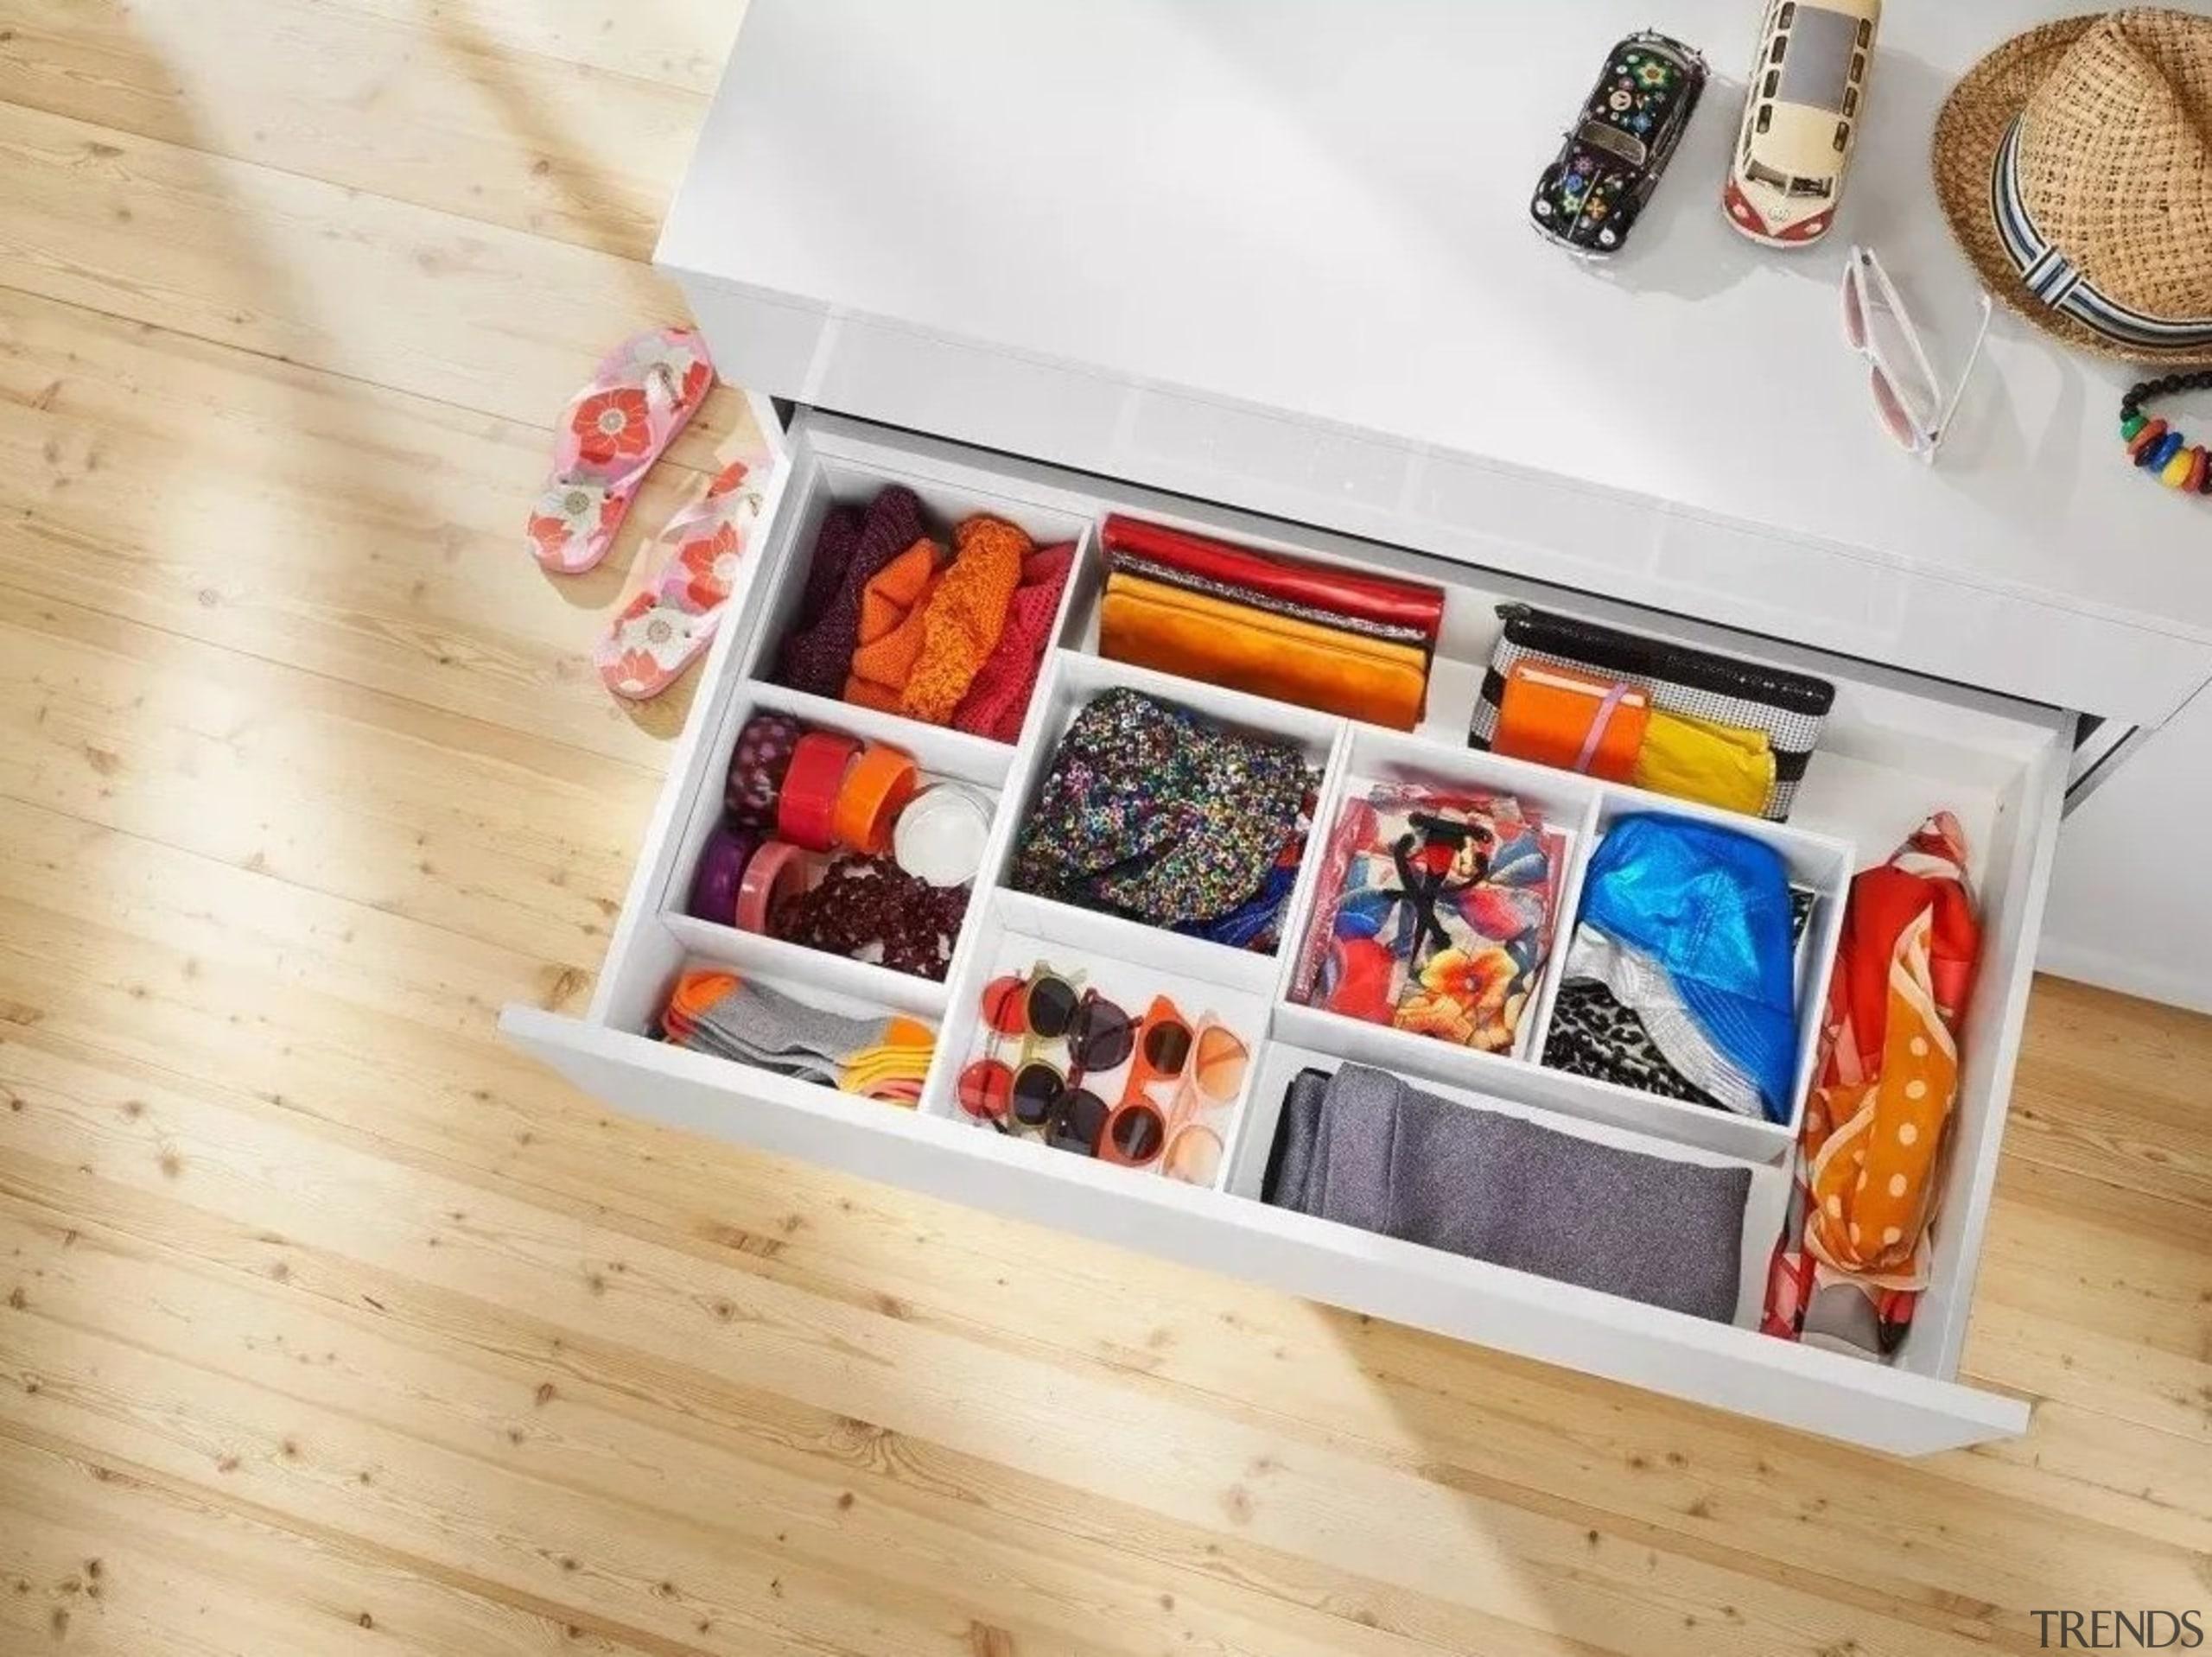 Image from: Blum New Zealand product, white, orange